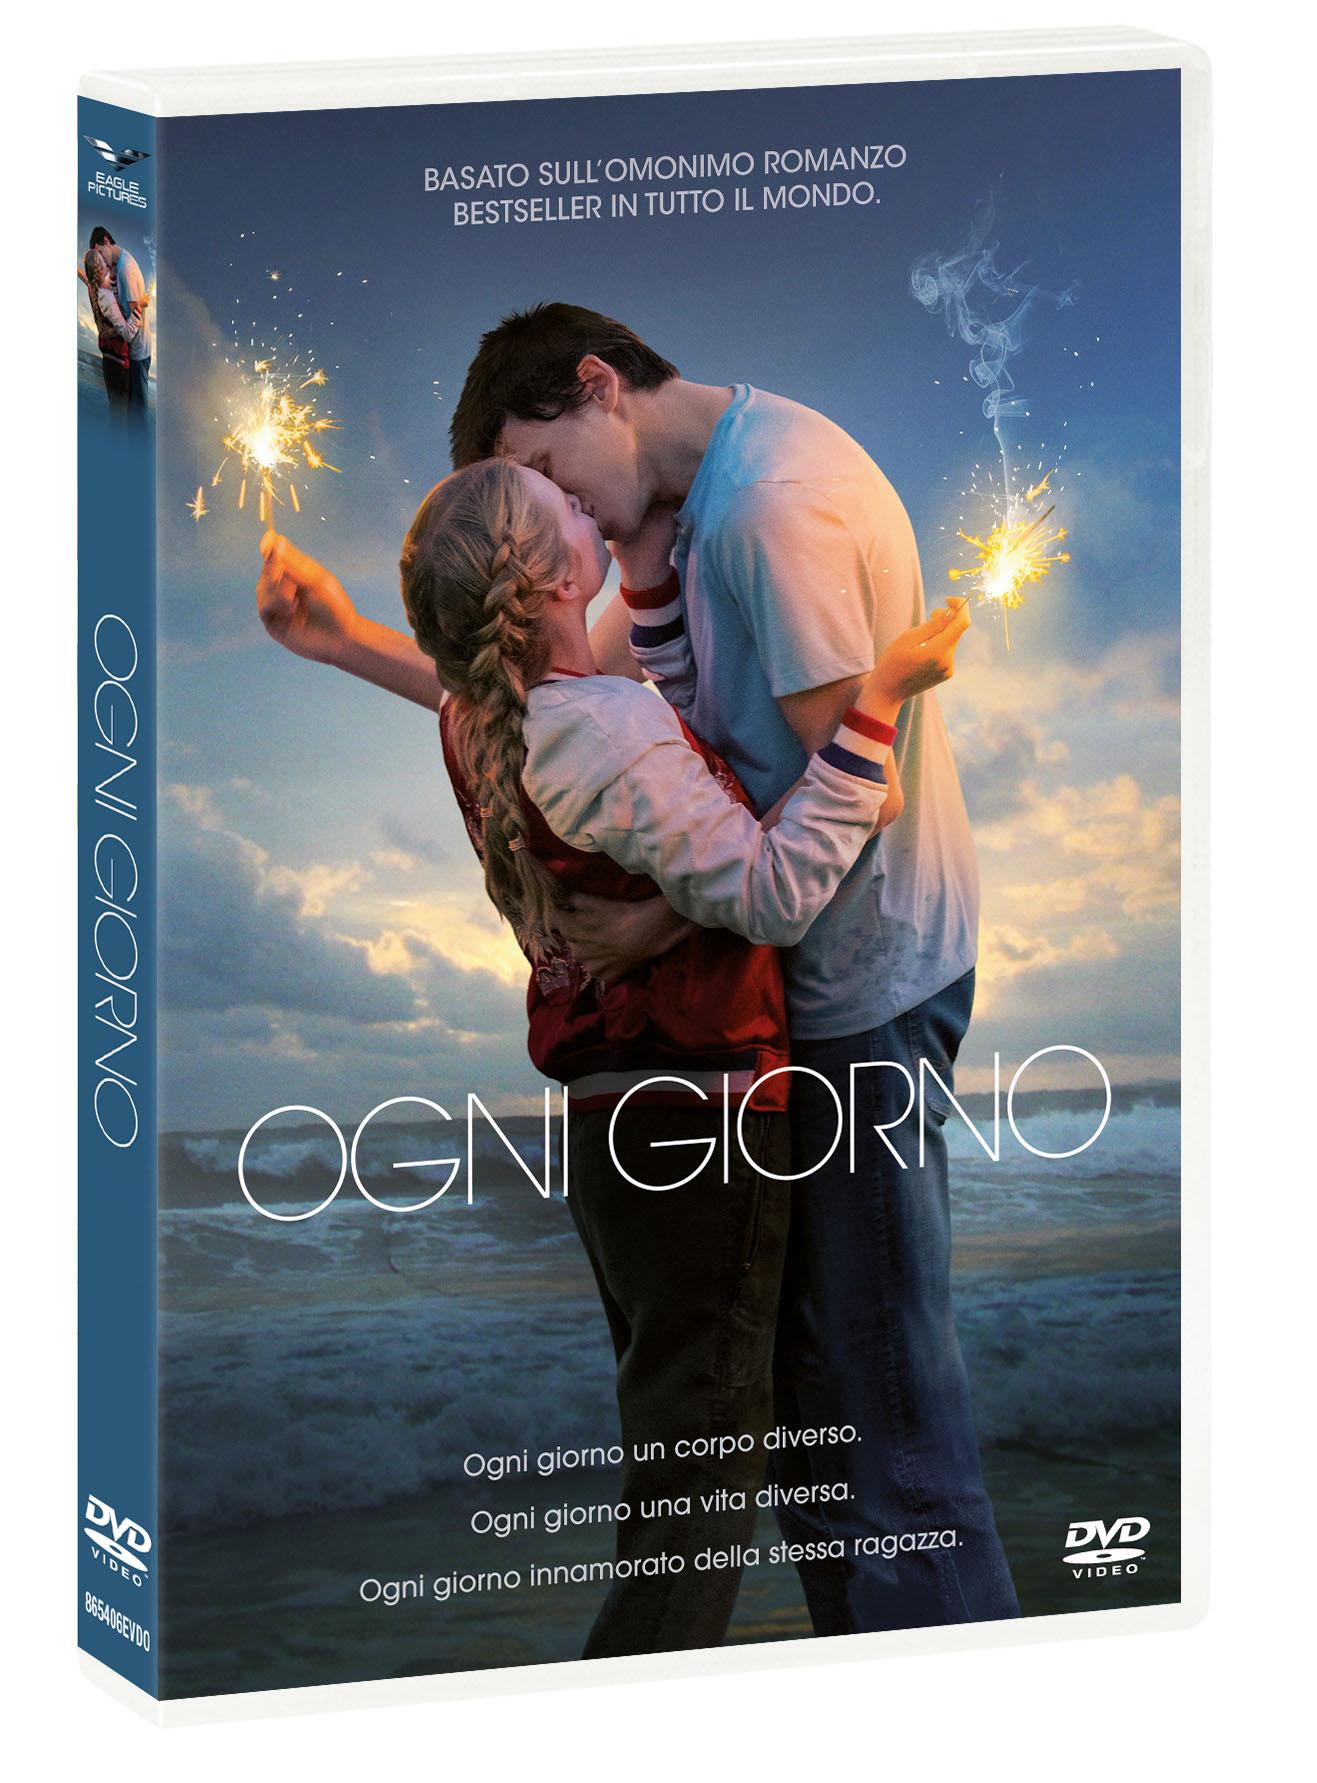 OGNI GIORNO (DVD)